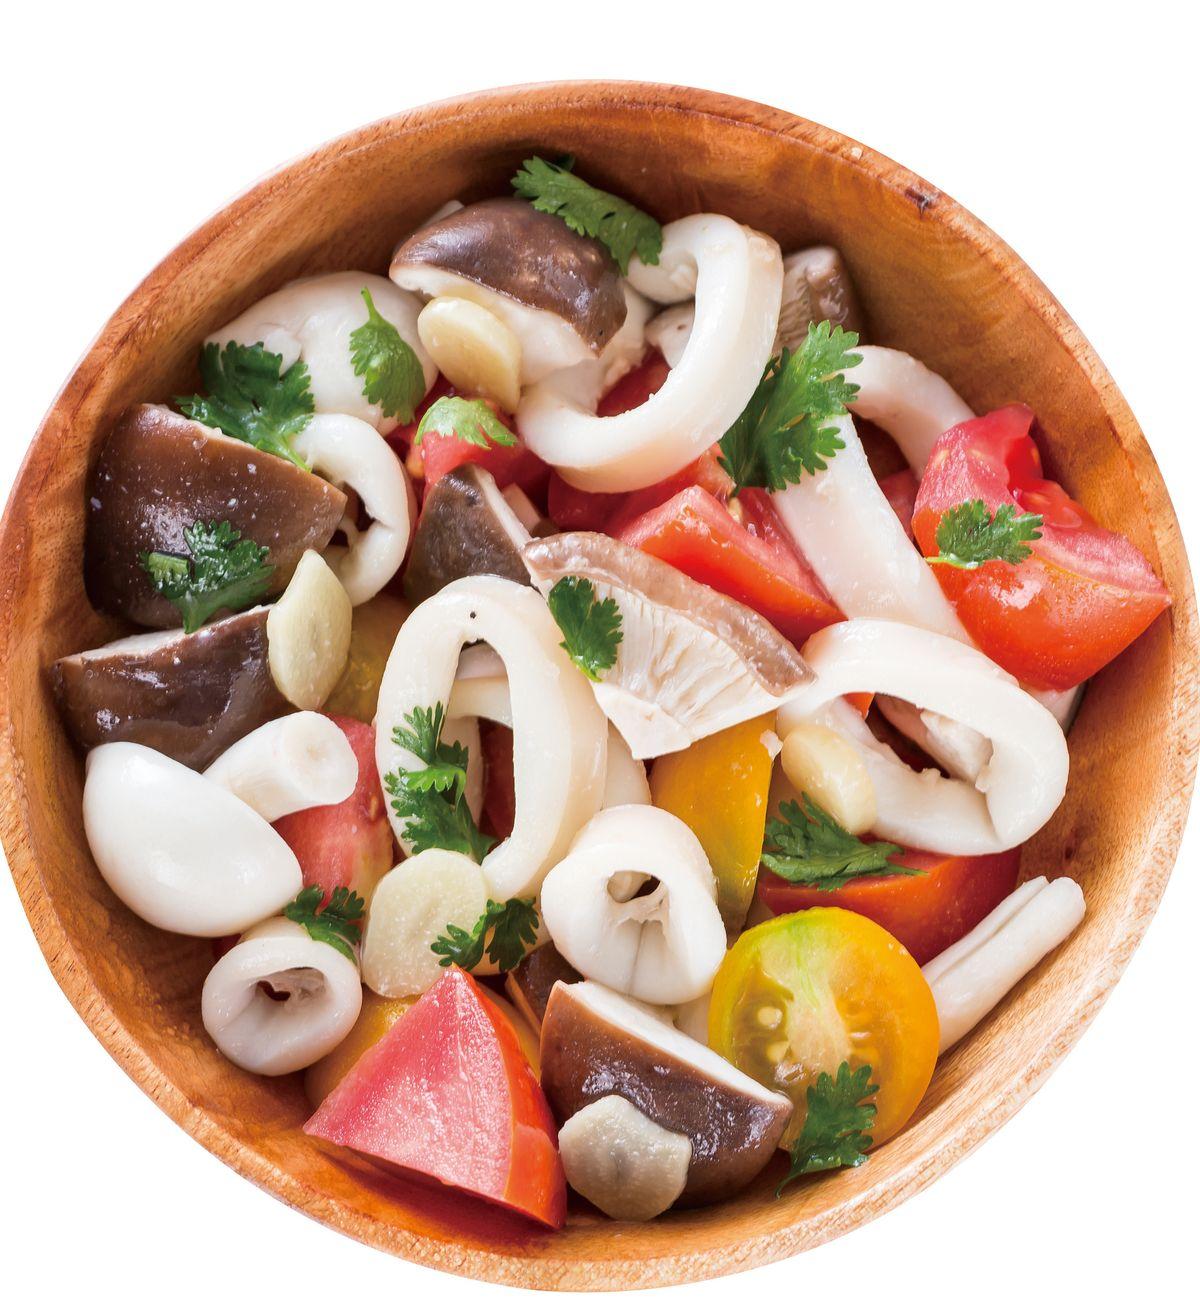 食譜:番茄鮮菇中卷沙拉